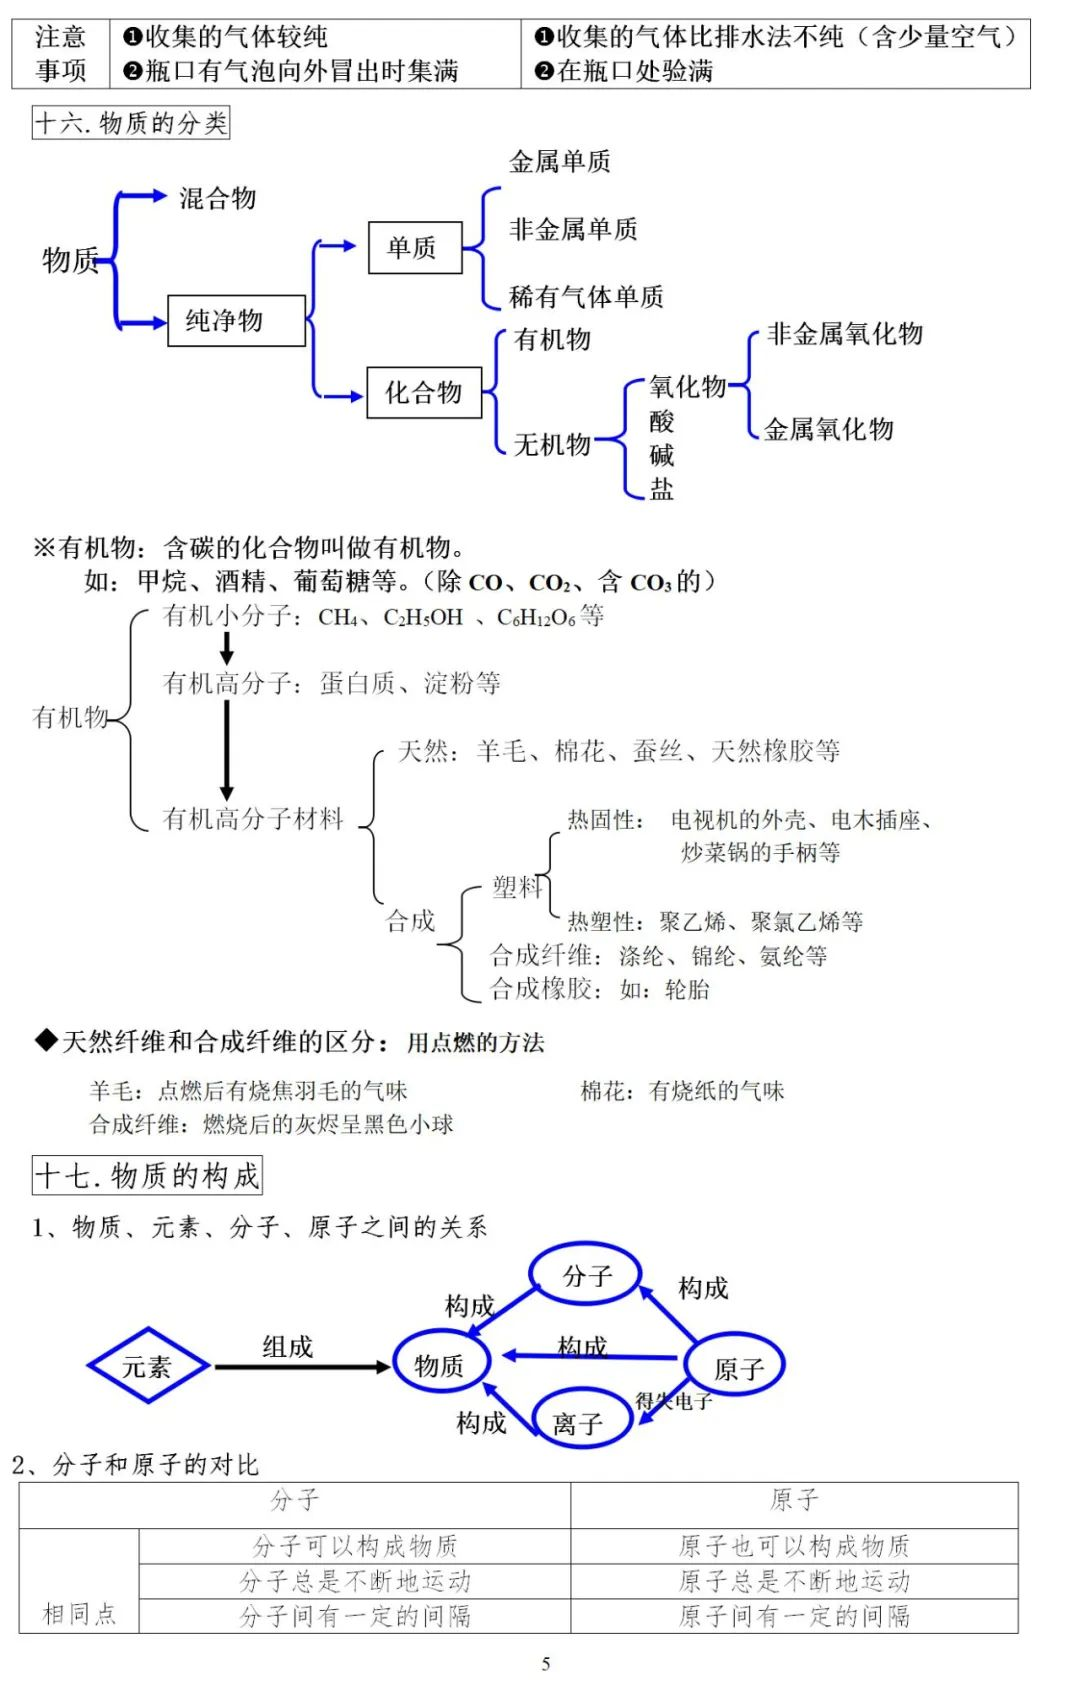 初三化学笔记重点归纳,初中化学必背知识点归纳